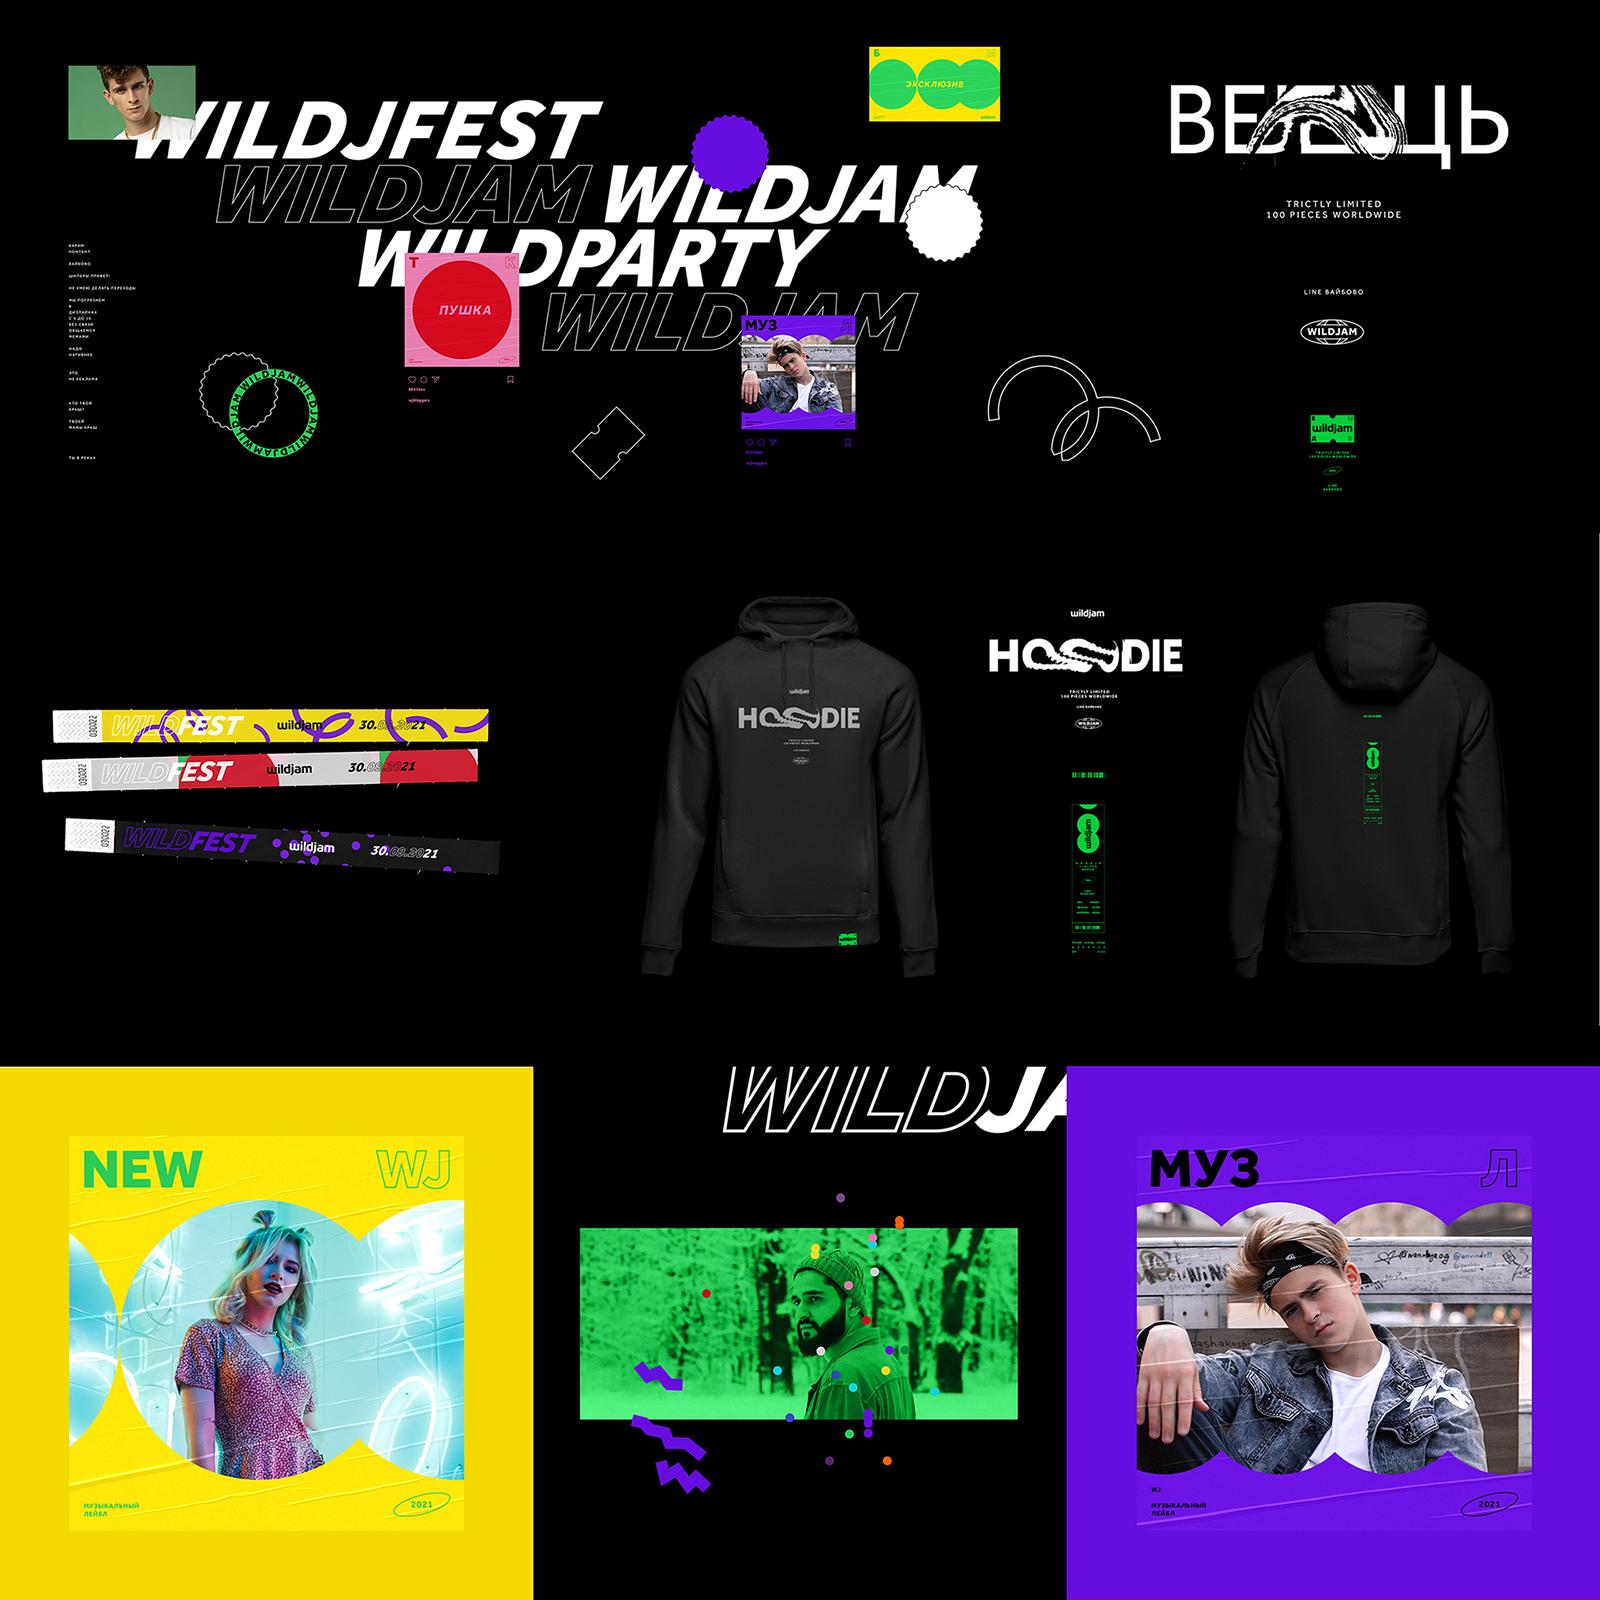 Wild Jam Brand Identity Created by Evgeniy Khizovets